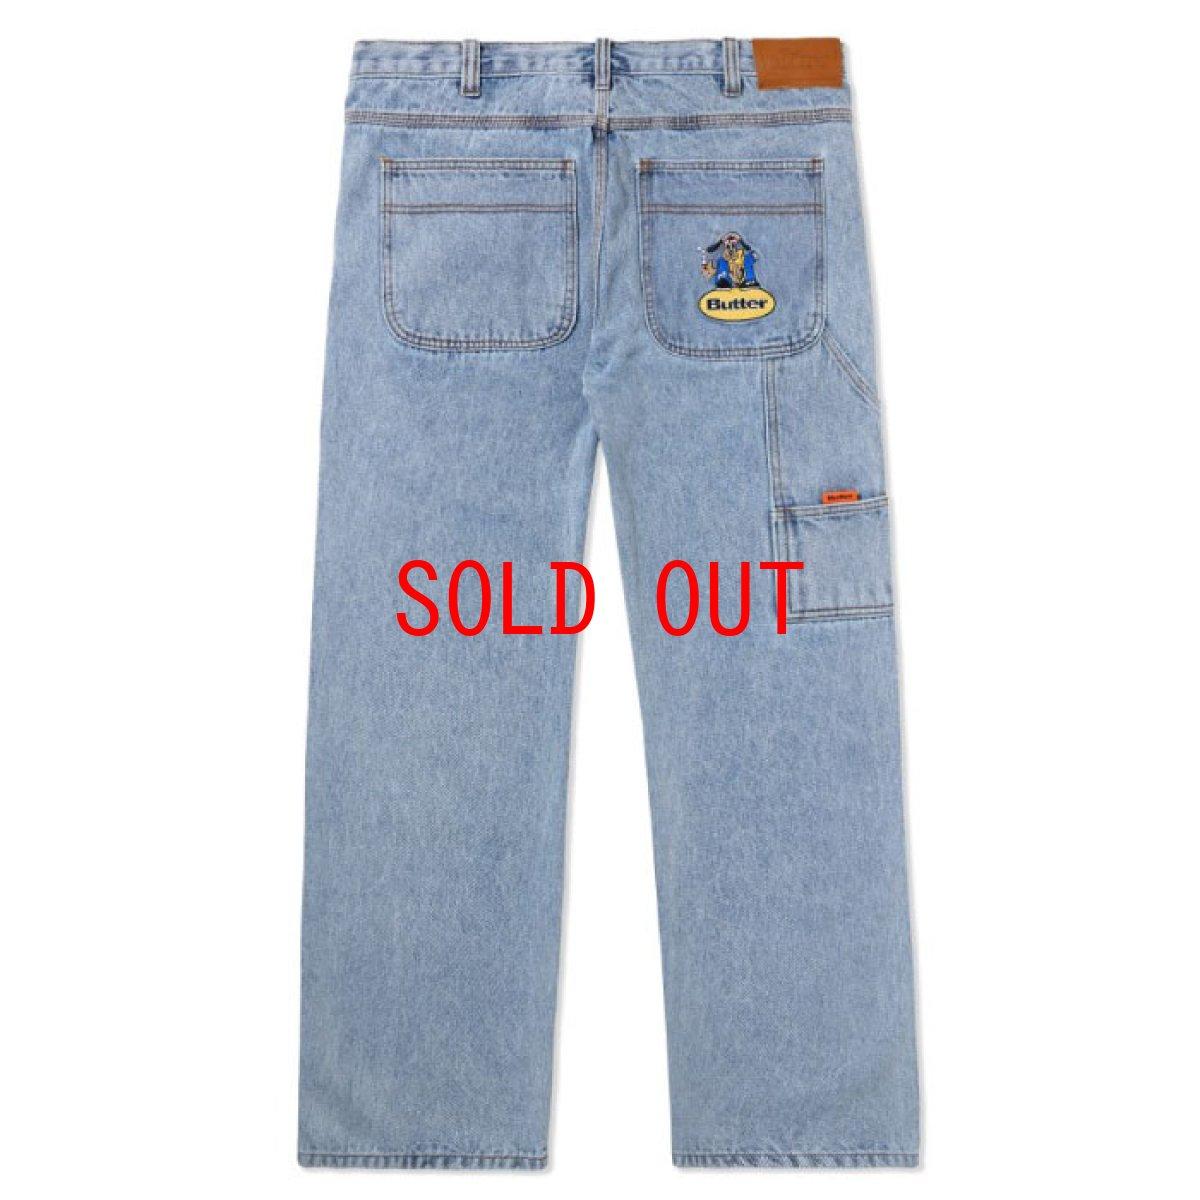 画像1: Homeboy Denim Jeans ホームボーイ デニム パンツ ジーンズ Pants パンツ Washed Light Blue ウォッシュ ライトブルー (1)